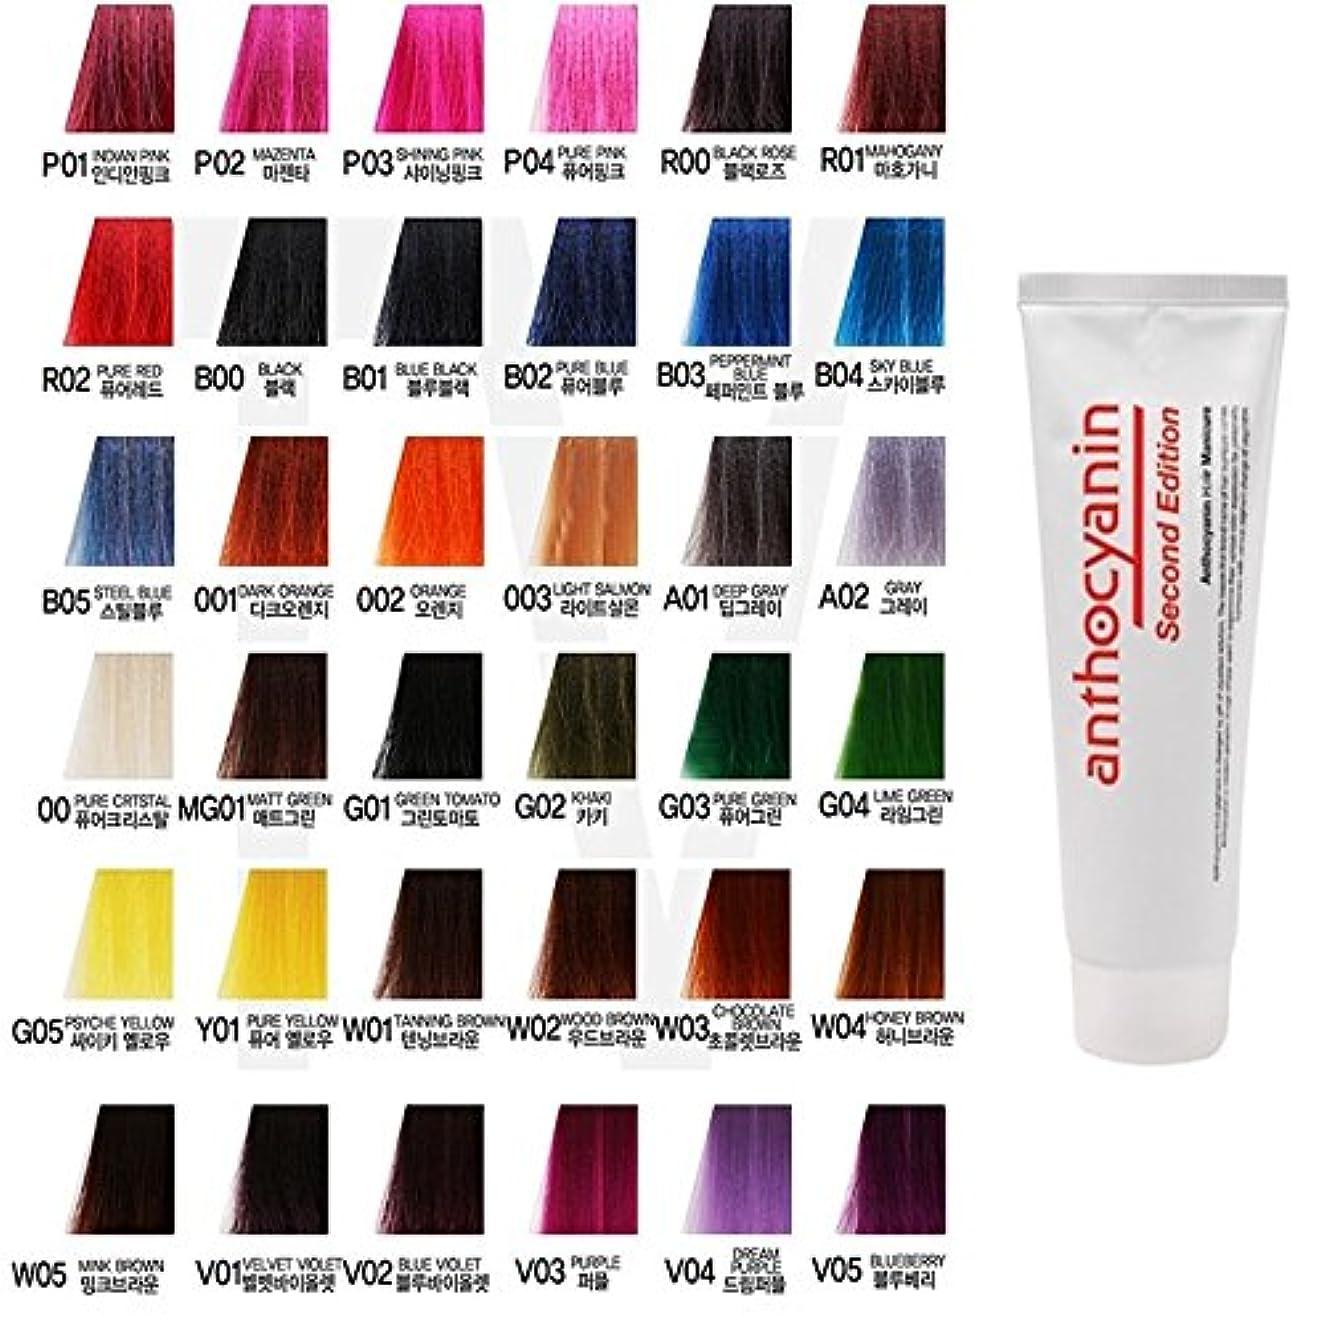 気まぐれな占める援助するヘア マニキュア カラー セカンド エディション 230g セミ パーマネント 染毛剤 ( Hair Manicure Color Second Edition 230g Semi Permanent Hair Dye) [並行輸入品] (A01 Deep Gray)